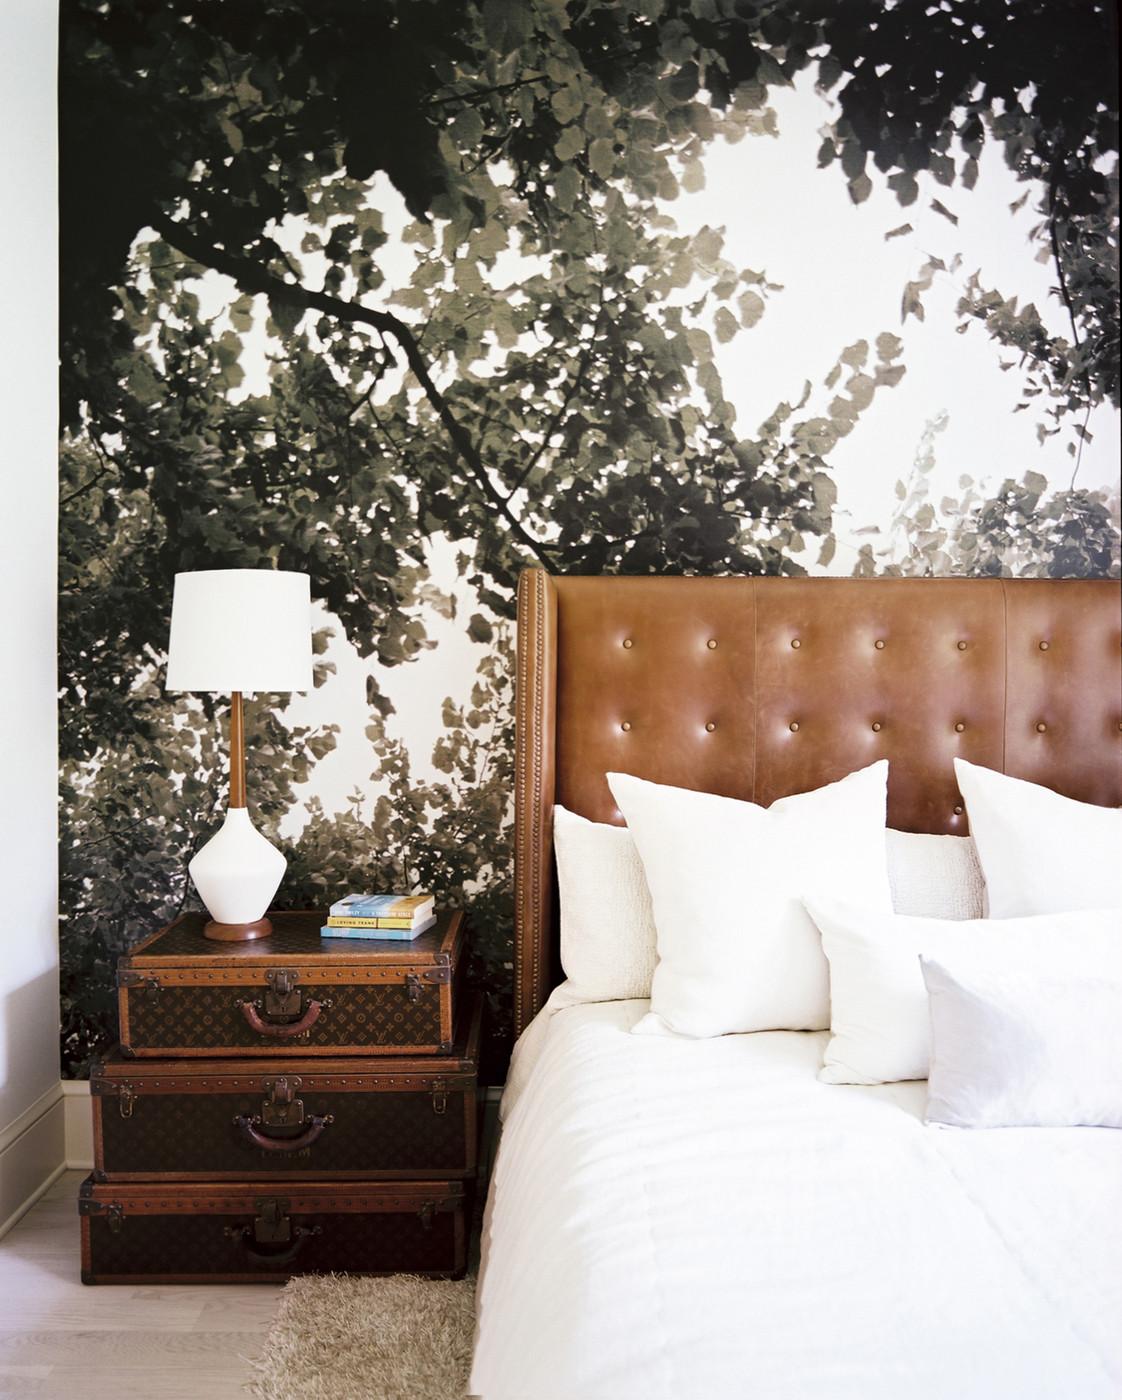 Фотообои над кроватью: путешествия перед сном (23 фото)